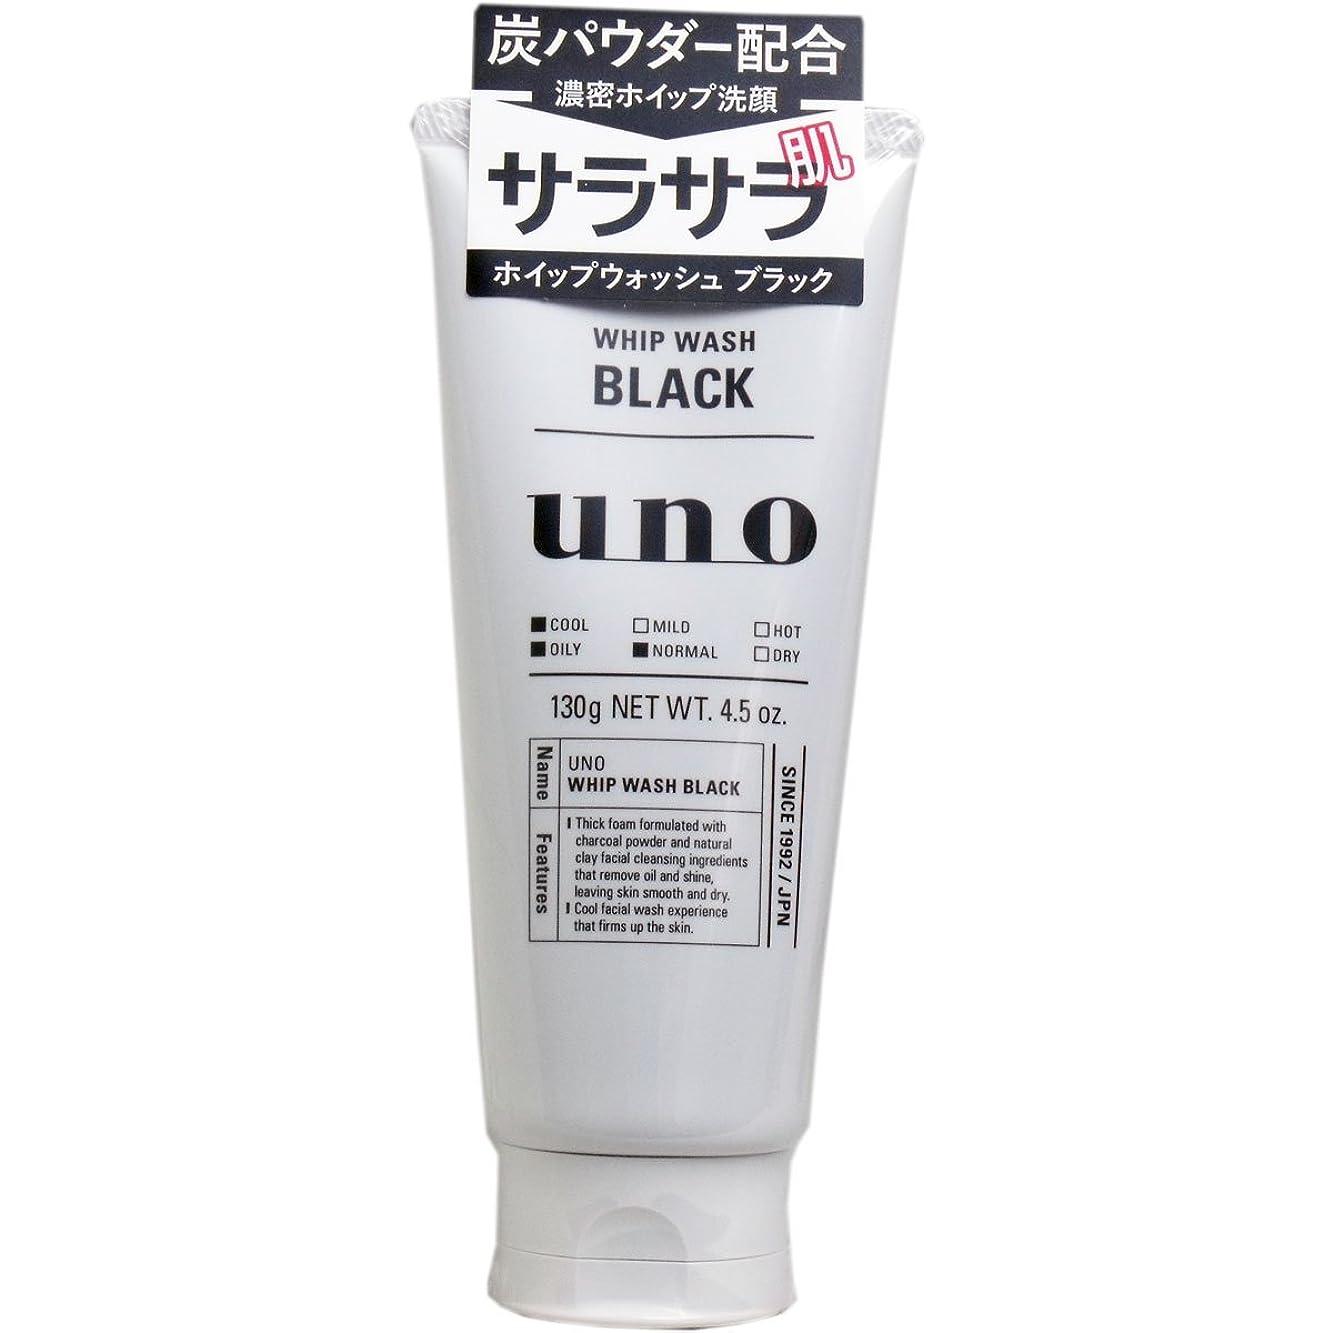 松調和スタッフ【まとめ買い】ウーノ ホイップウォッシュ (ブラック) 洗顔料 130g×4個